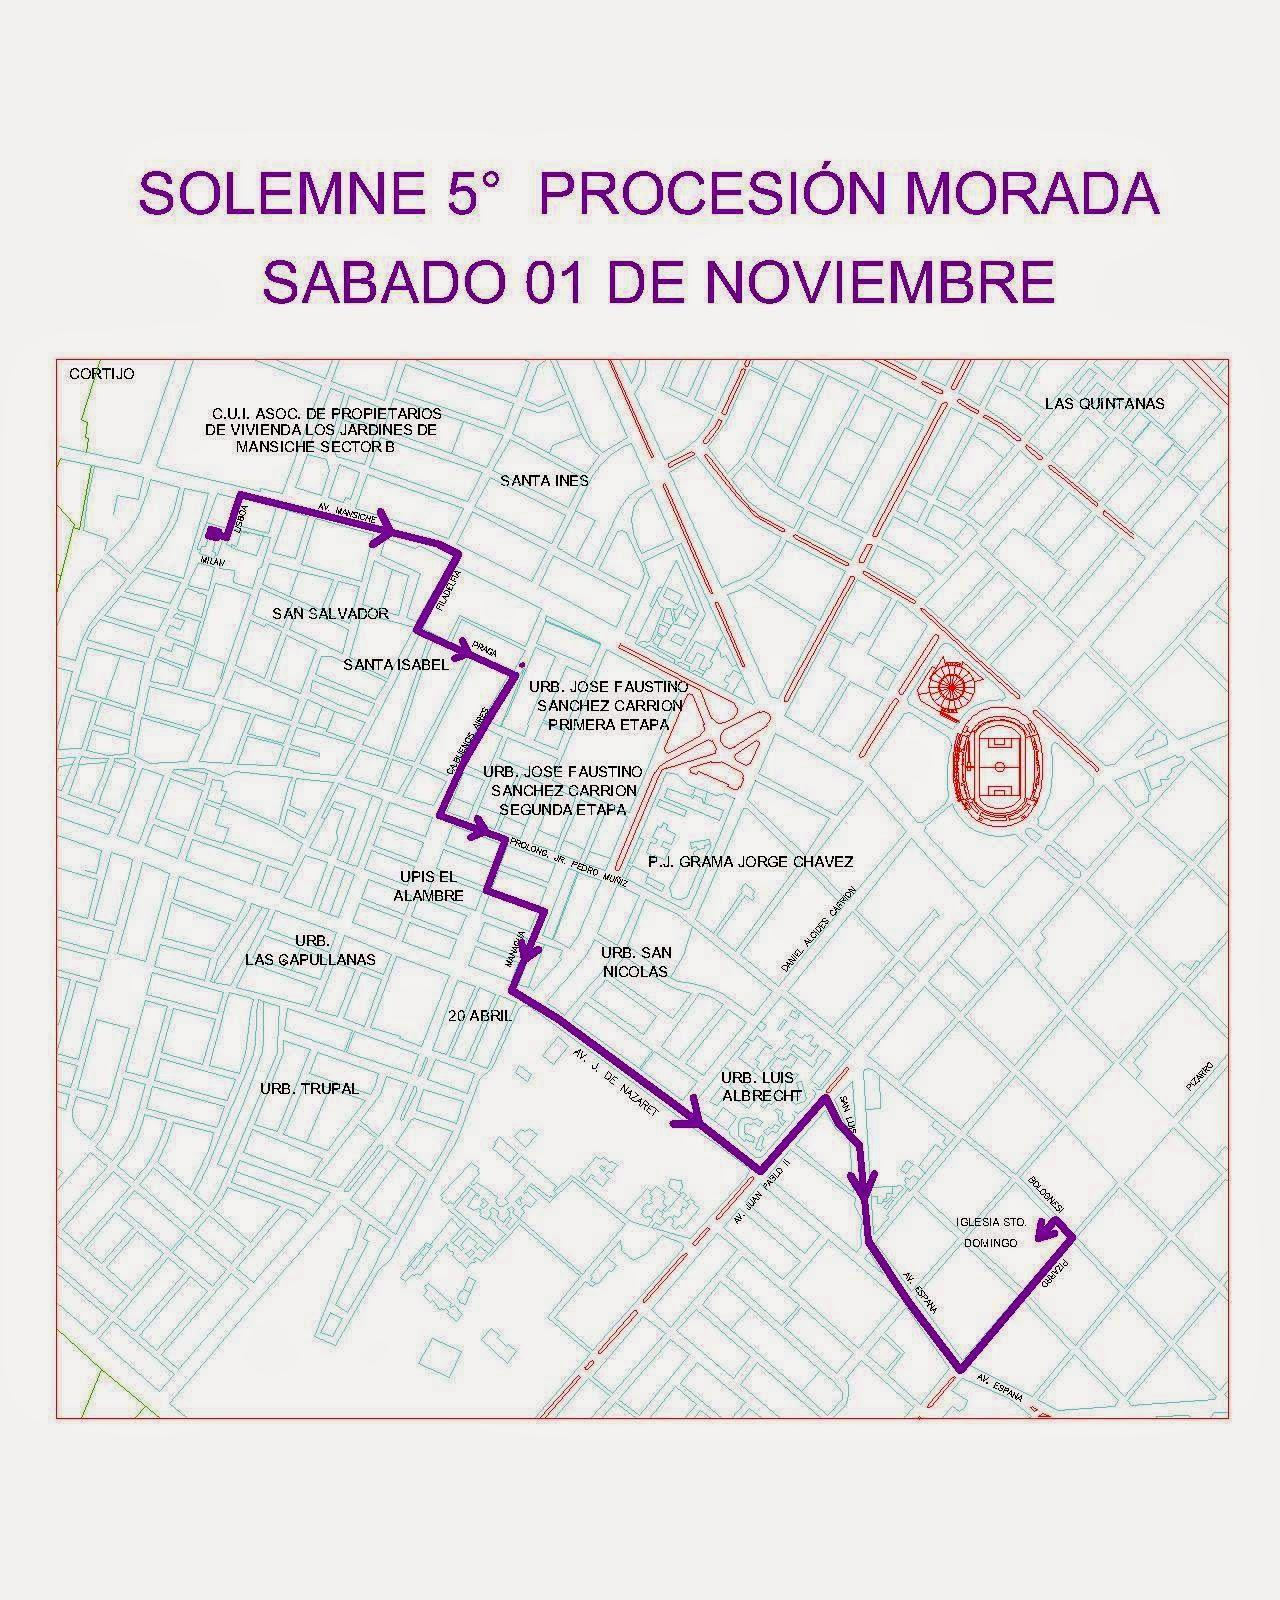 SOLEMNE GUARDADA DEL SEÑOR DE LOS MILAGROS, EL SABADO 01 DE NOVIEMBRE, A LAS 11:30 PM, EN EL TEMPLO